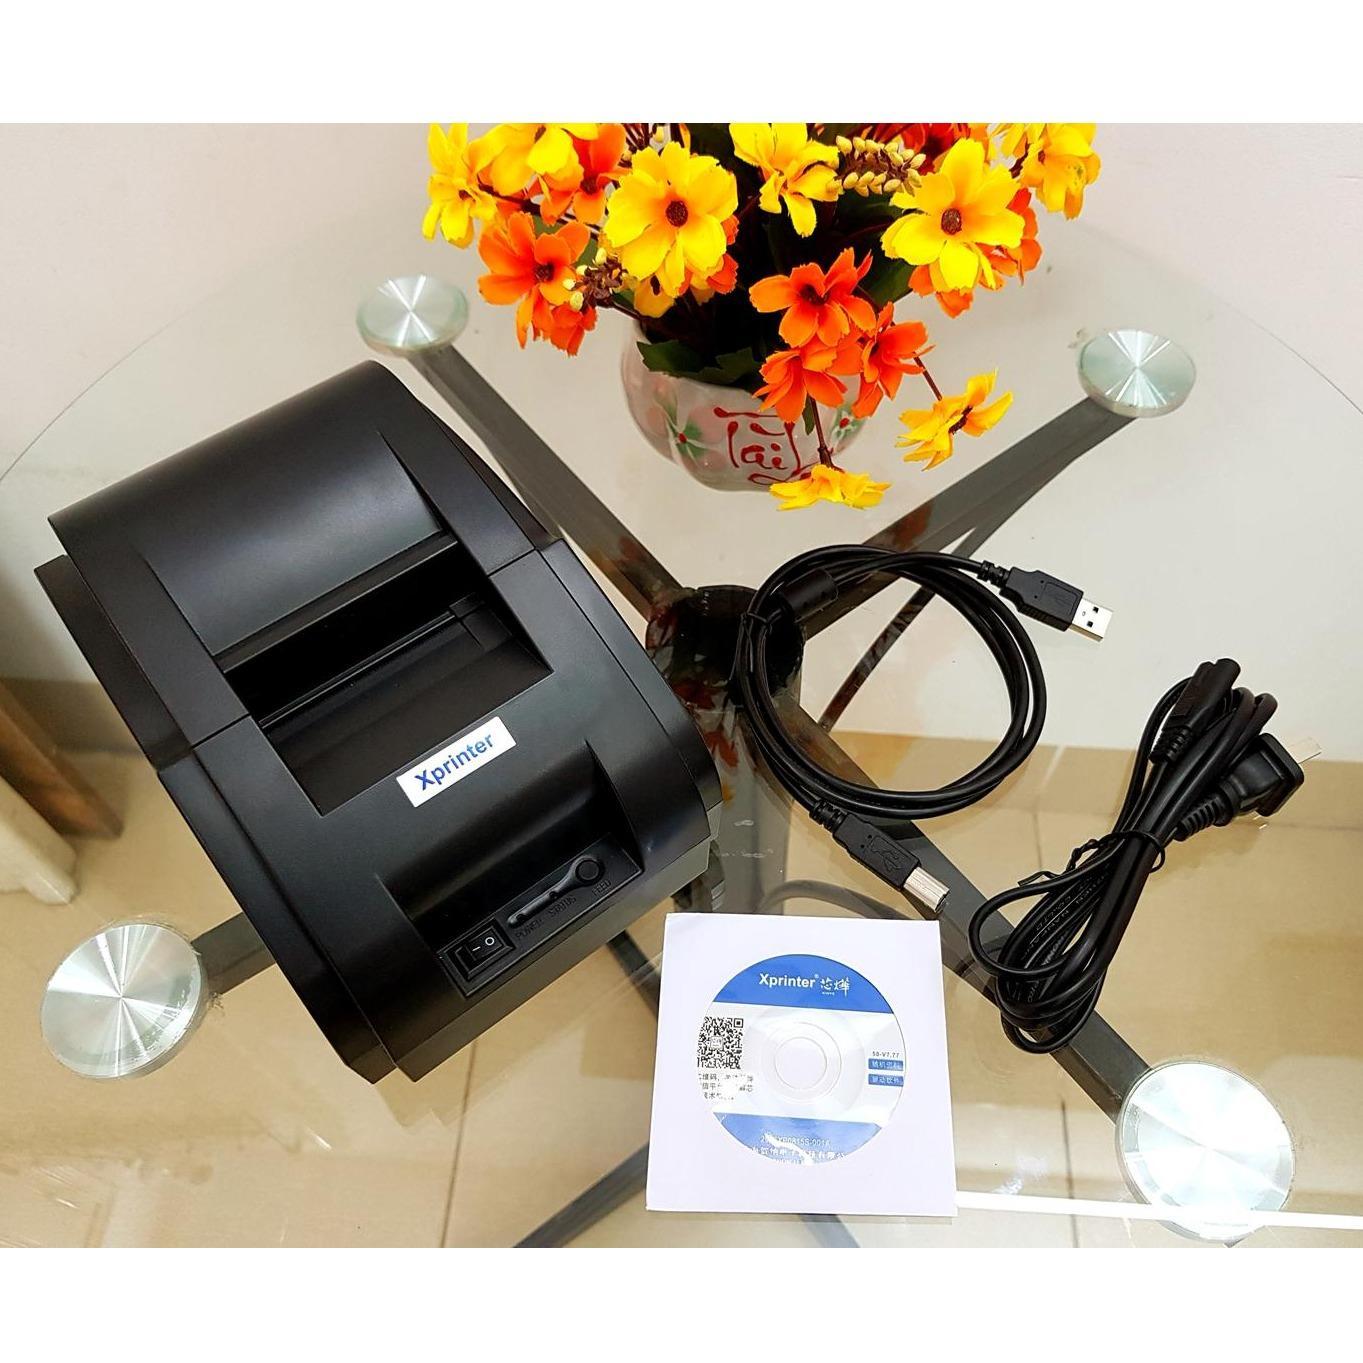 So sánh giá Máy in hóa đơn Xprinter 58 Tại Thiết Bị Bán Hàng Thông Minh